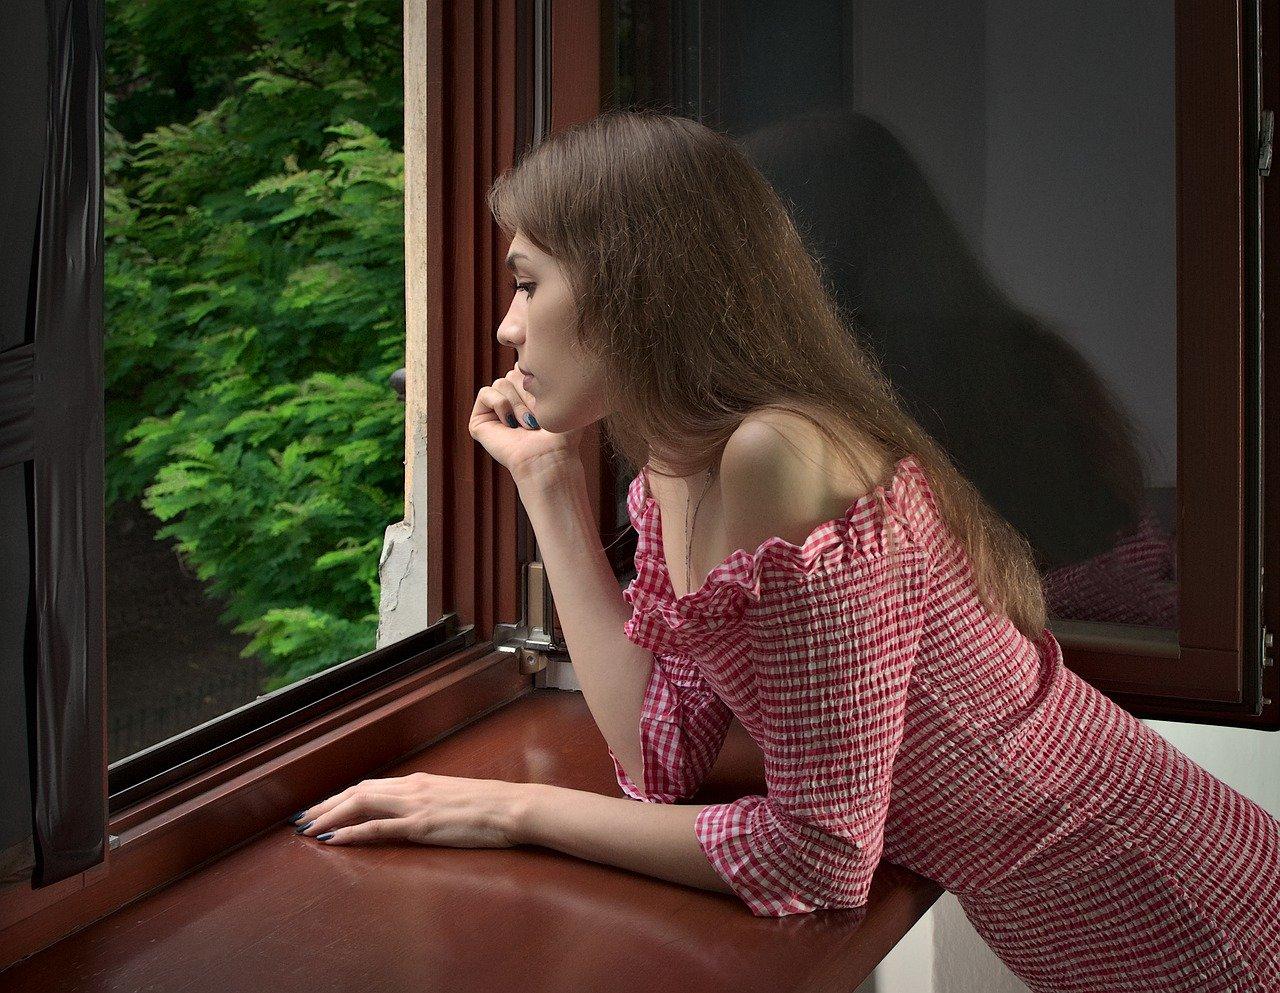 girl, window, beauty